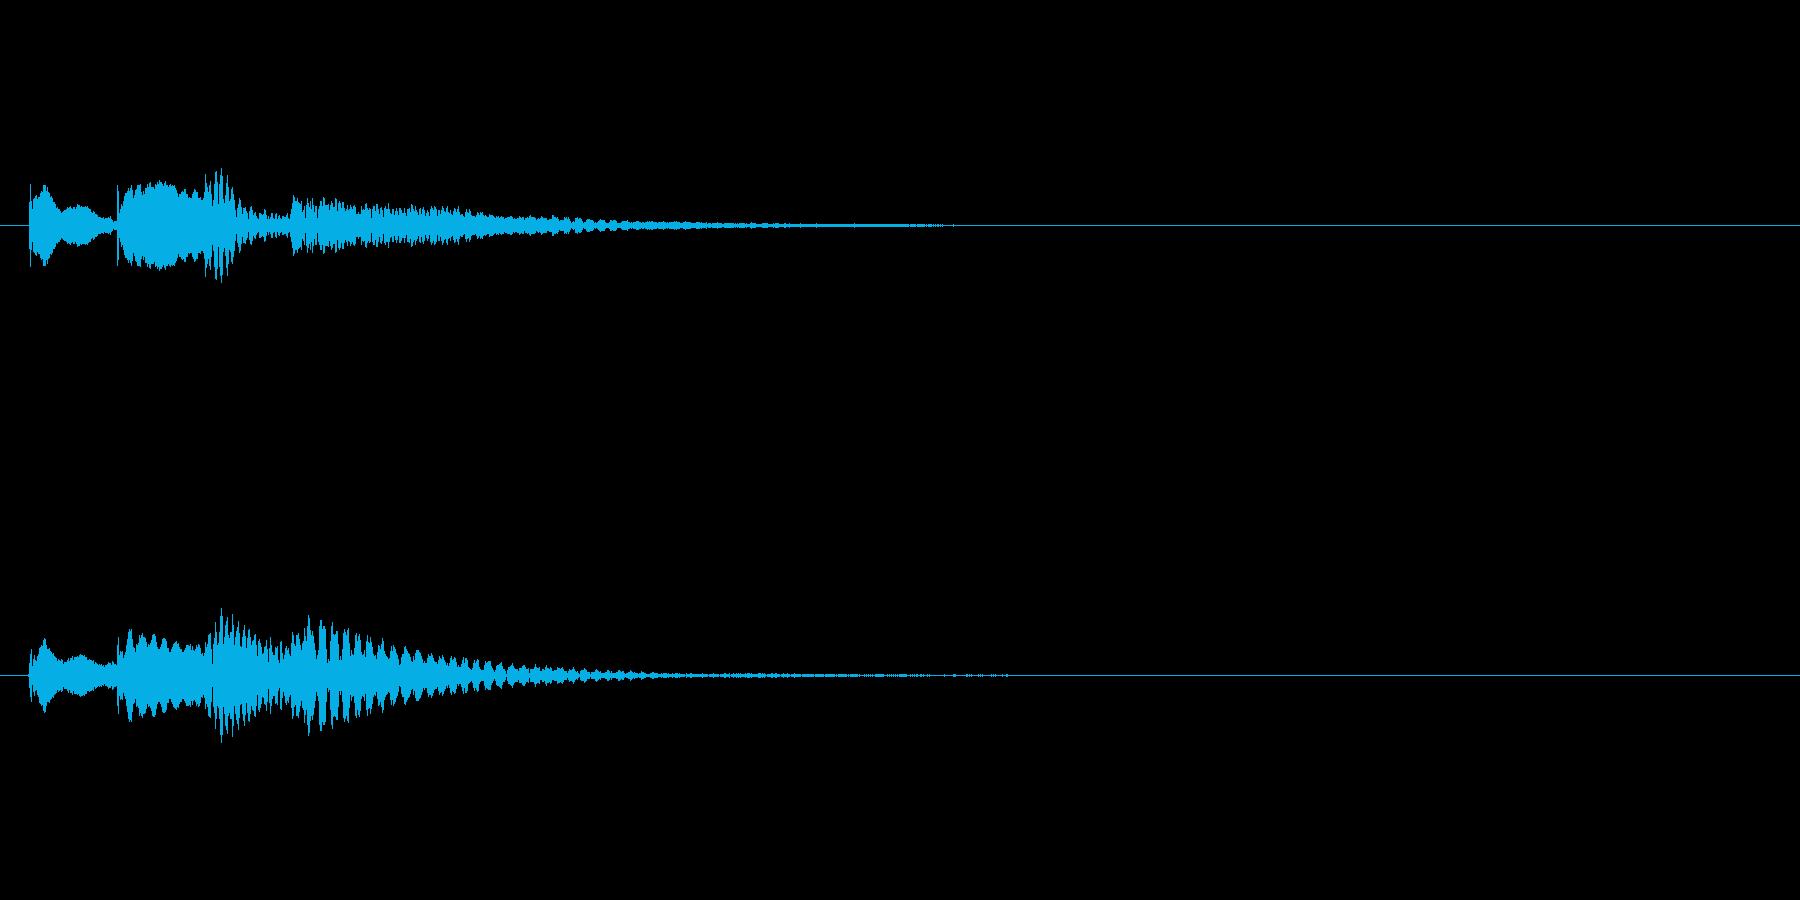 か↑らららん↓の再生済みの波形